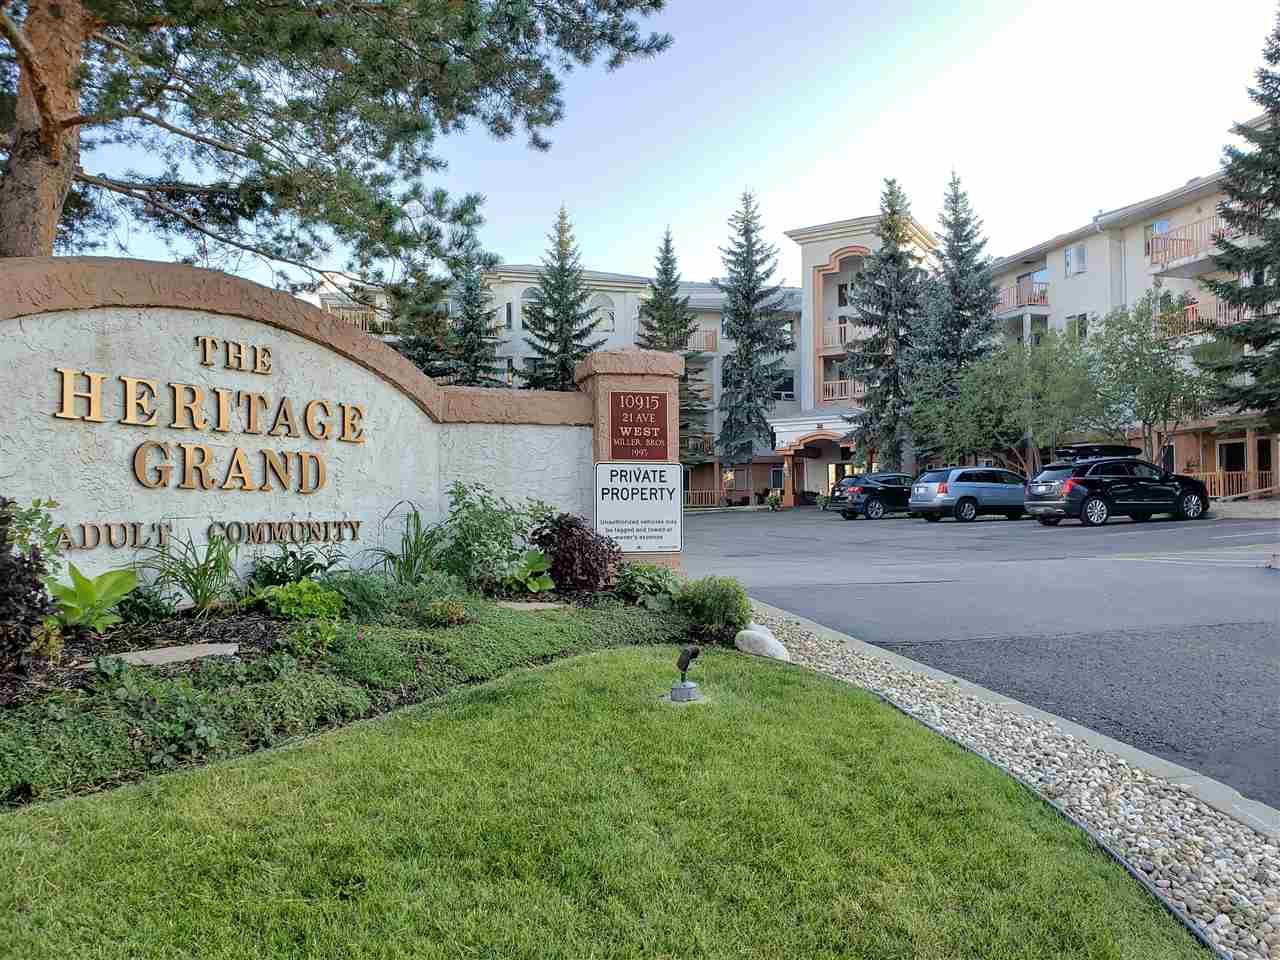 Main Photo: 306 10915 21 Avenue in Edmonton: Zone 16 Condo for sale : MLS®# E4201036